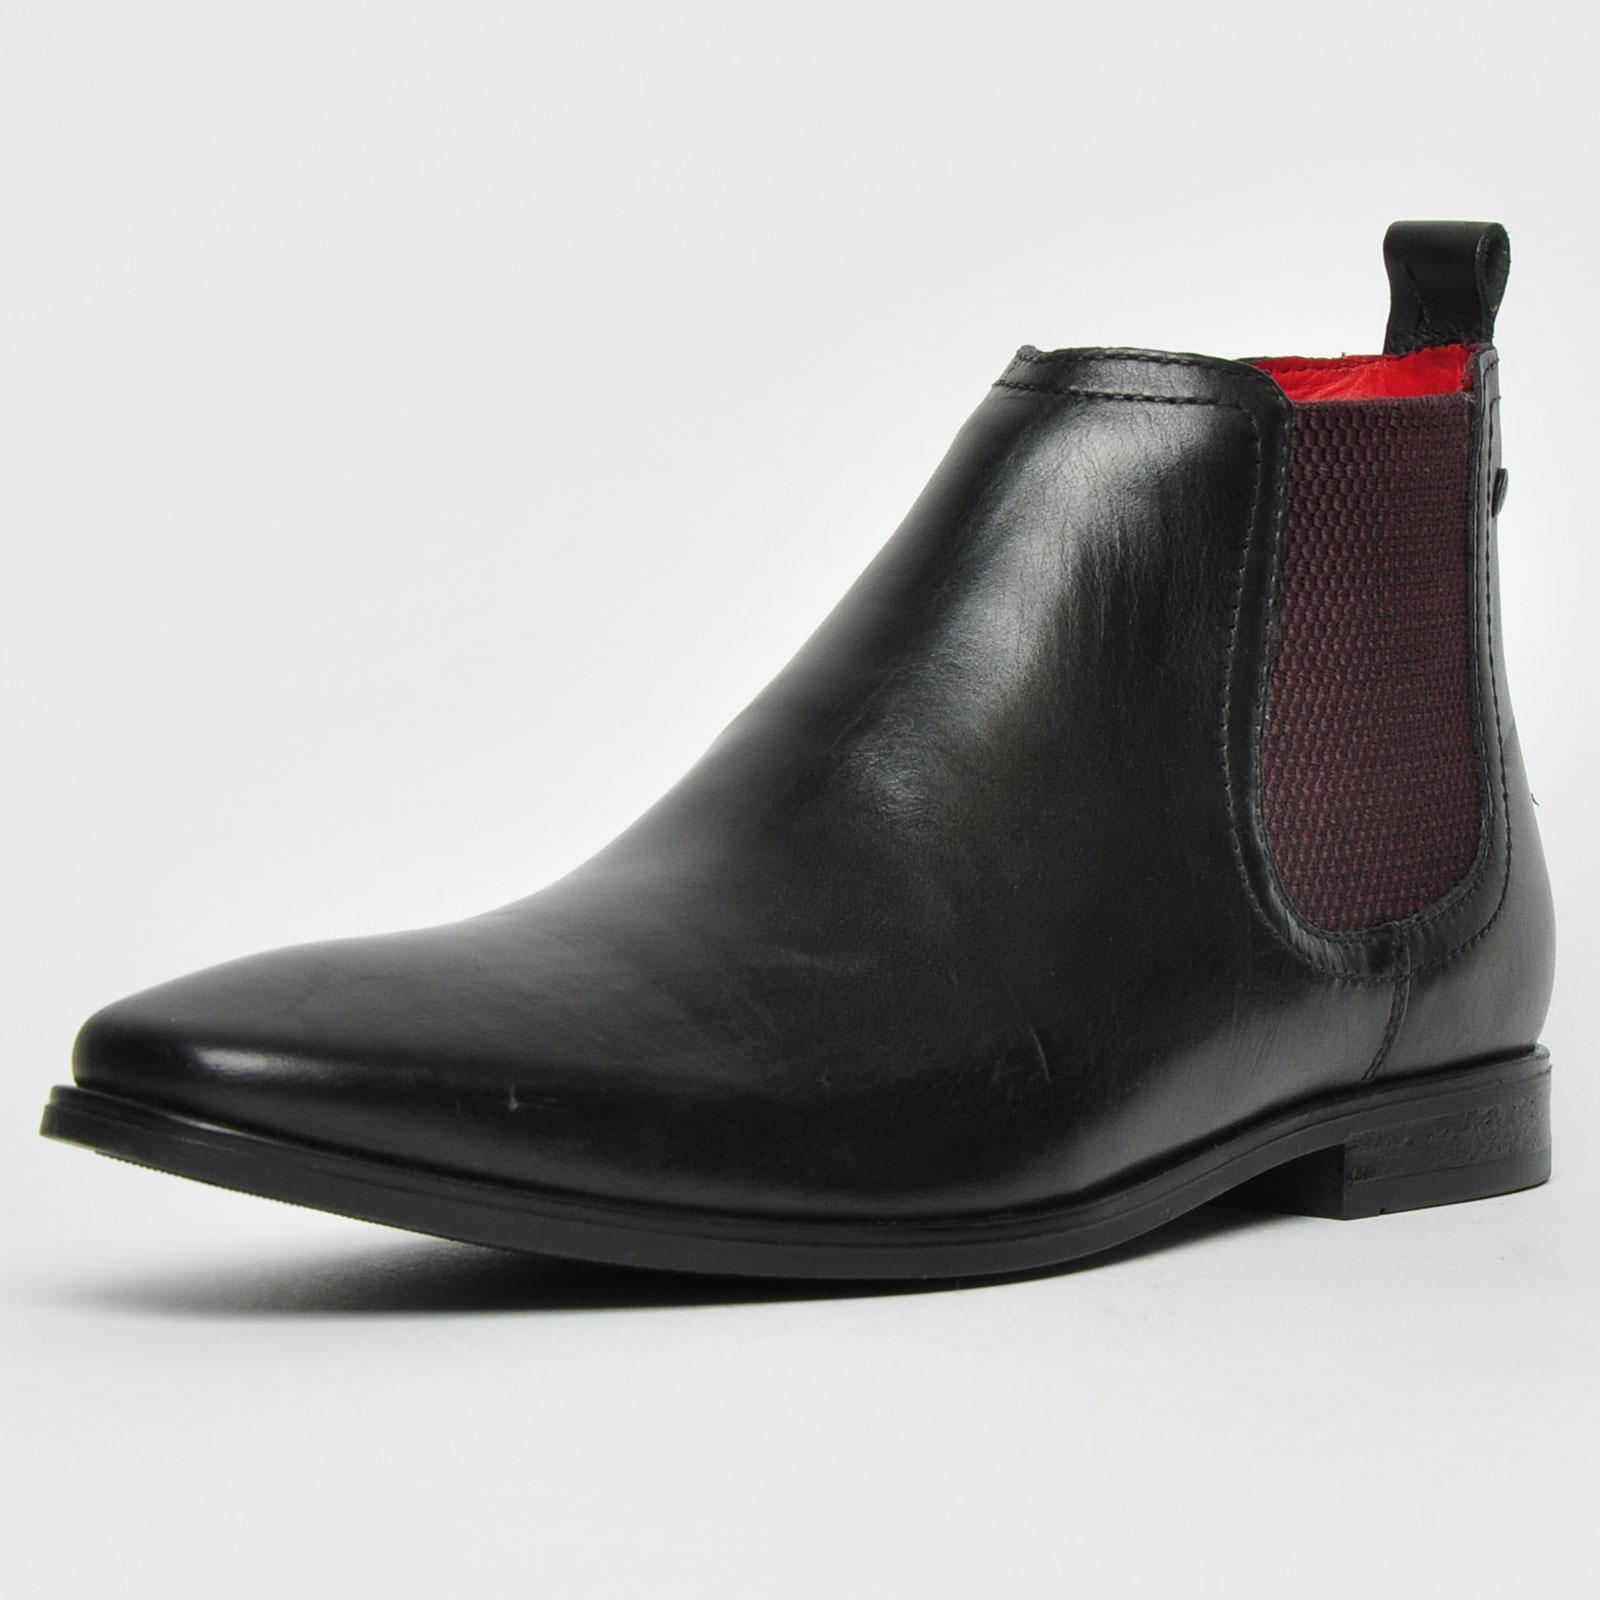 Zapatos De Vestir base London Tyne Para Hombre de Cuero Inteligente Oxford Negros sólo Reino Unido 8 muestra